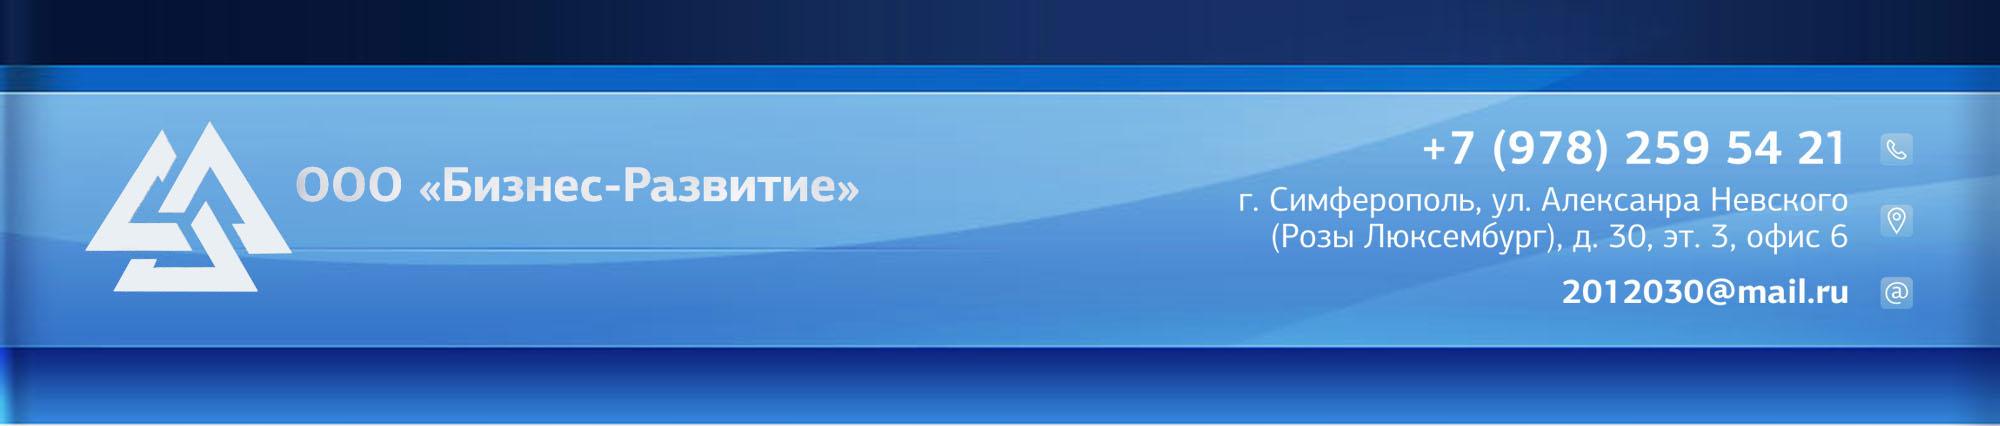 Компания ООО «Бизнес-Развитие»